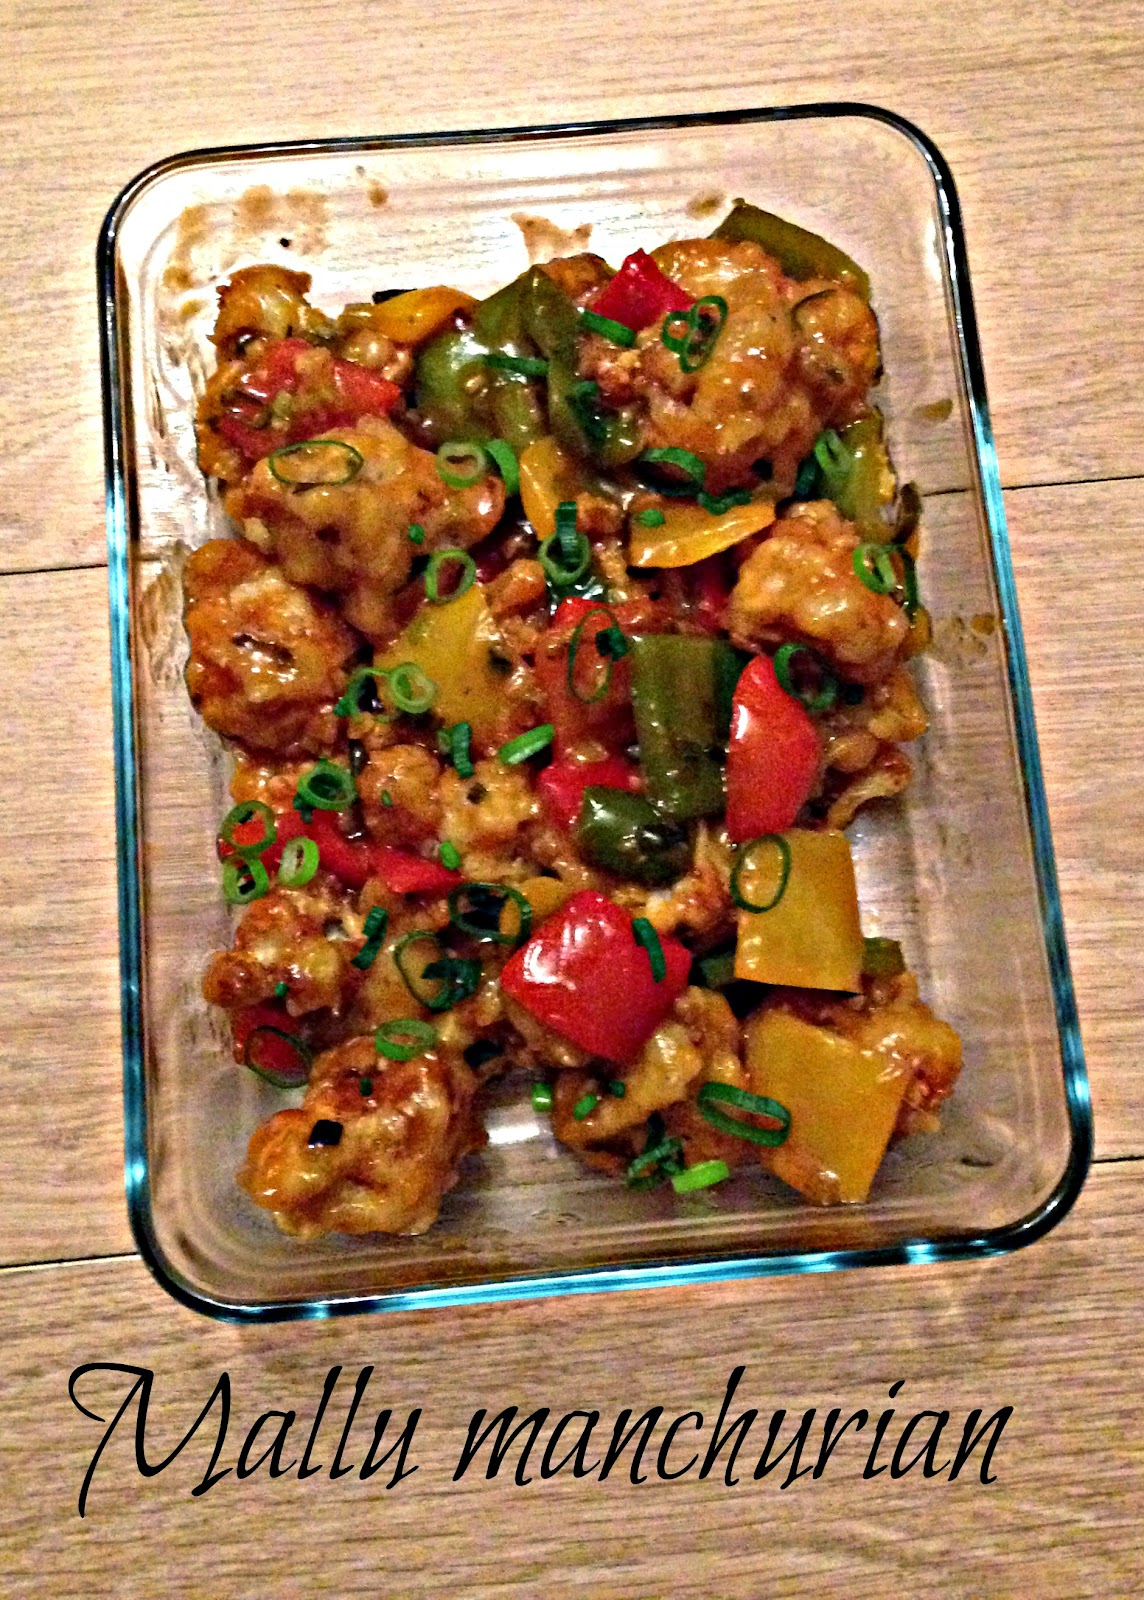 Mallu manchurian | Gobi manchurian | Cauliflower manchurian | Kukskitchen